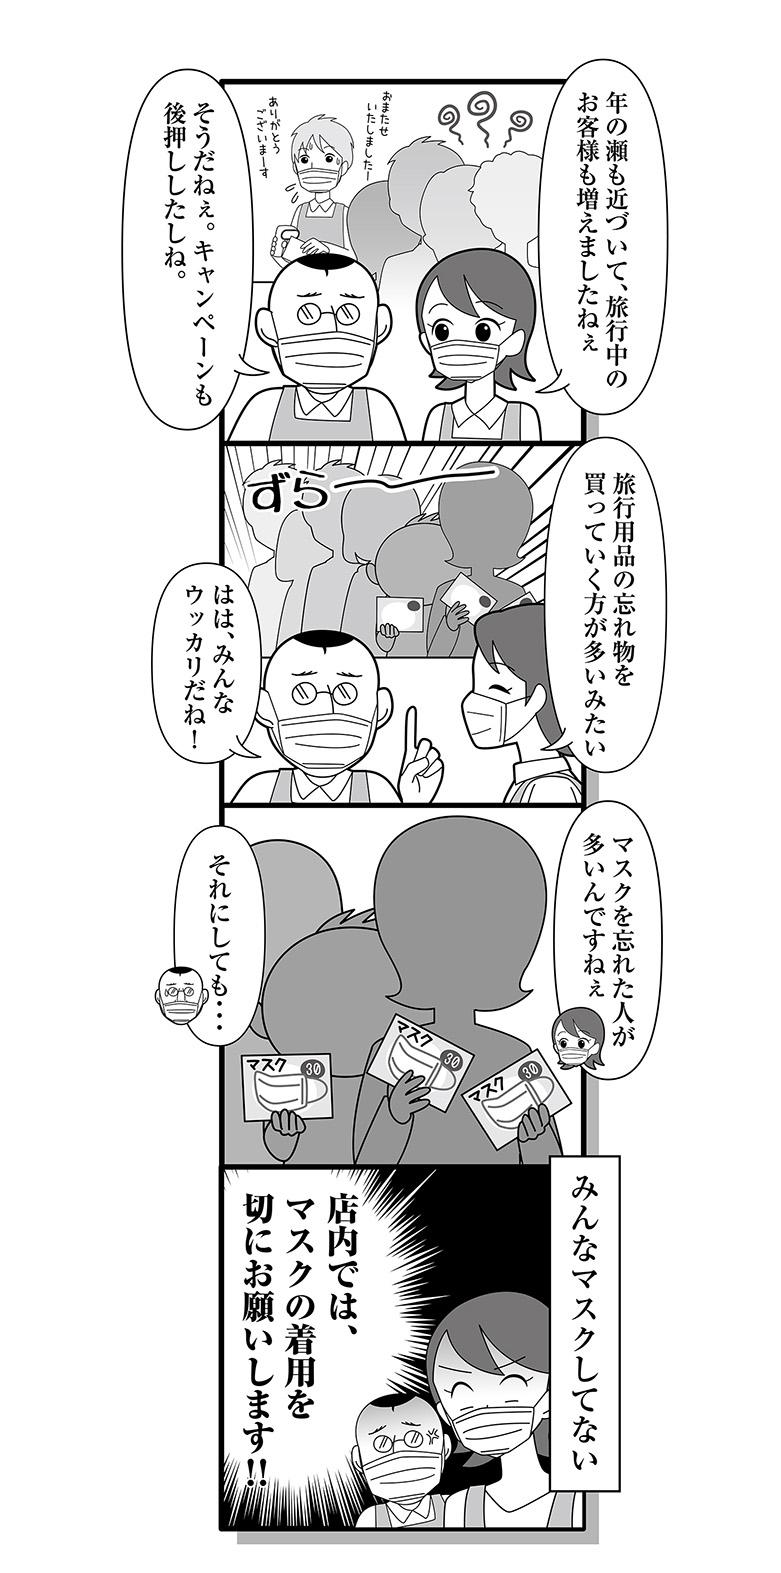 201205_manga